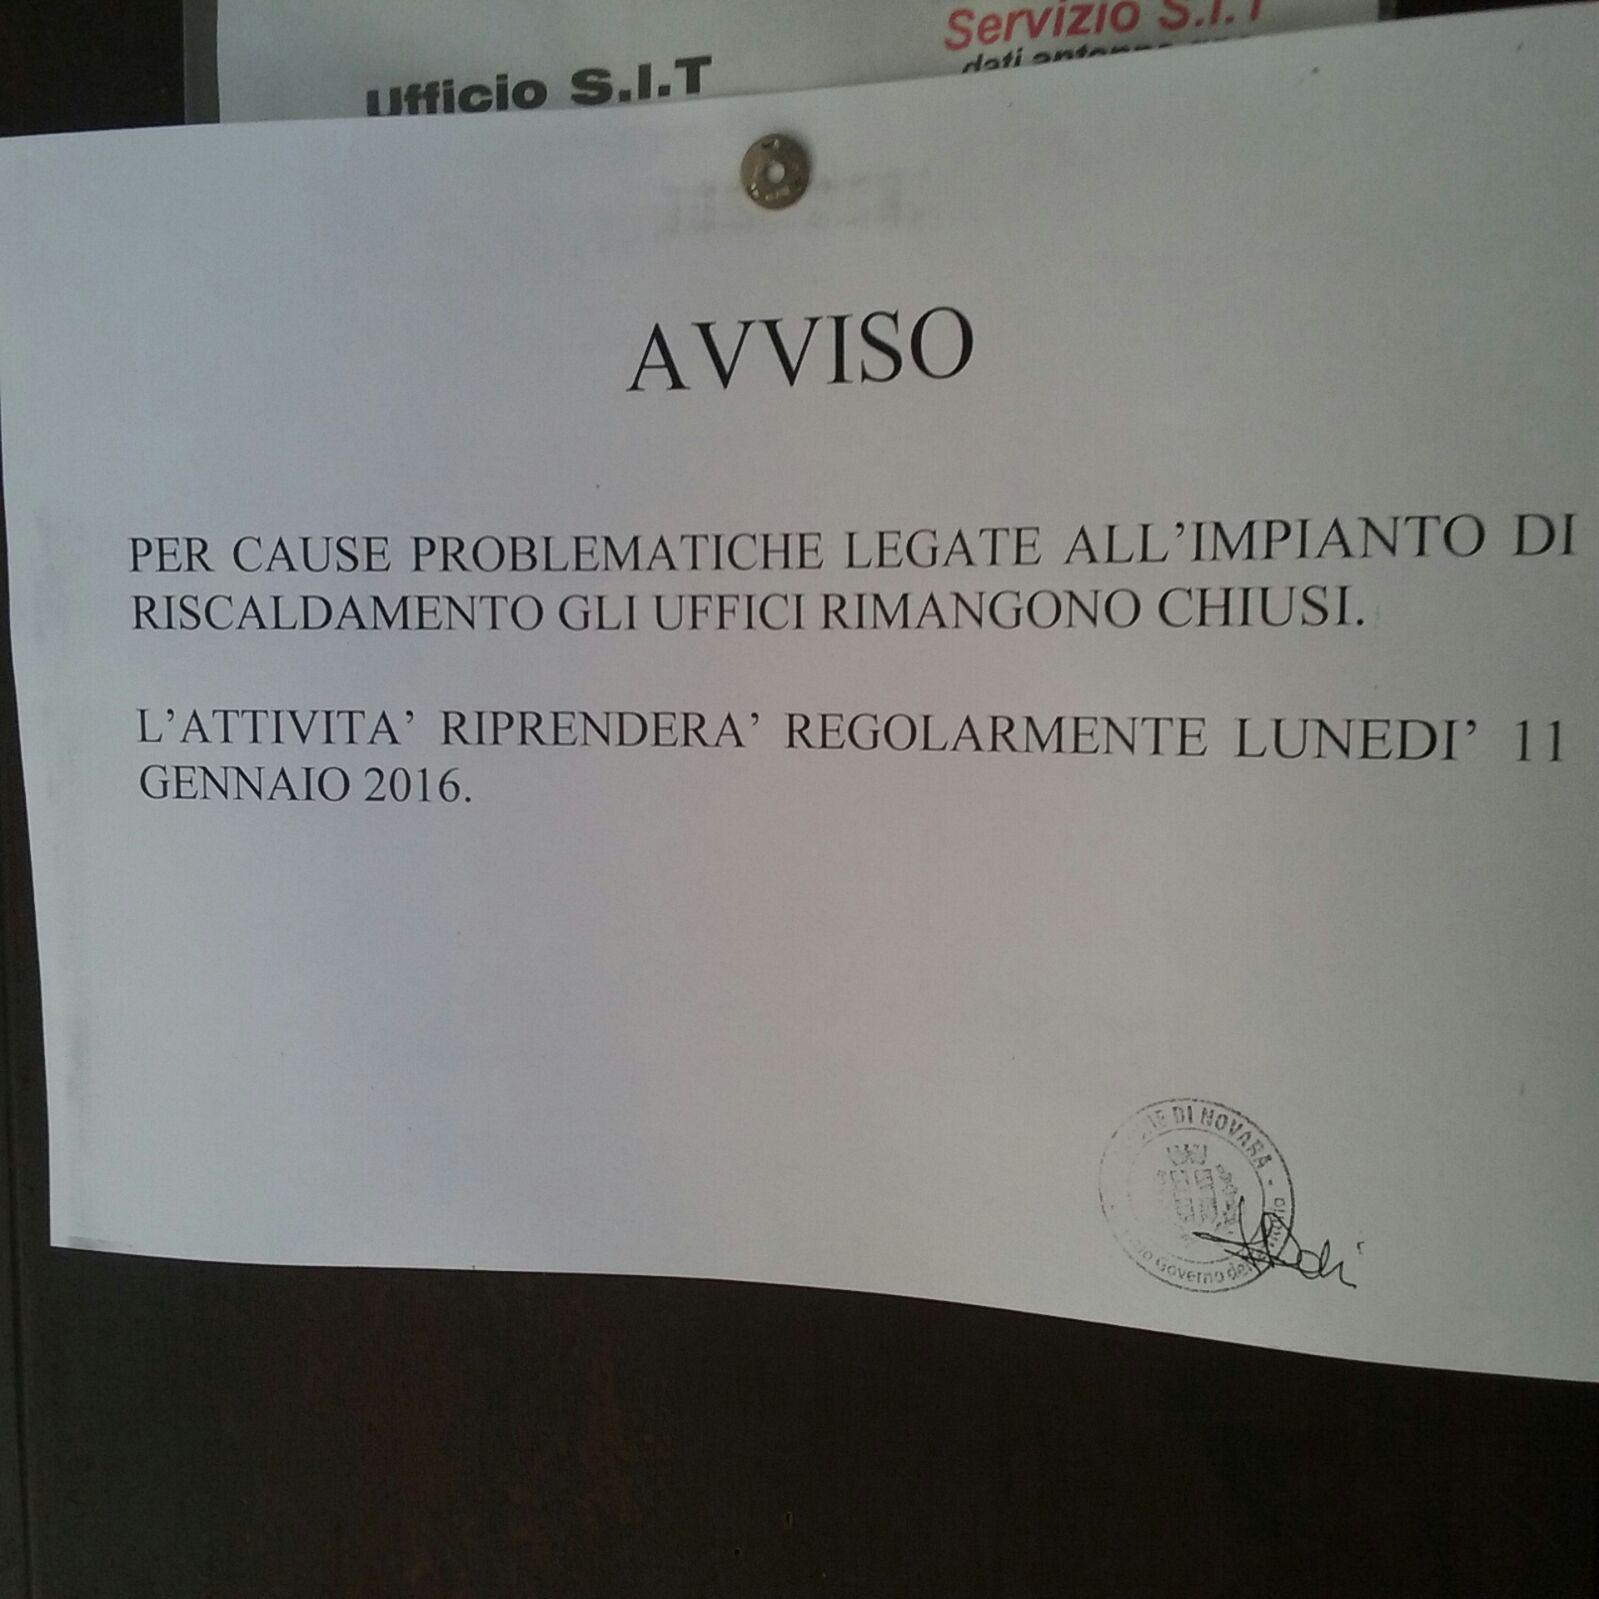 Palazzo Faraggiana al freddo: dipendenti a casa e uffici chiusi, ma senza comunicazioni ufficiali